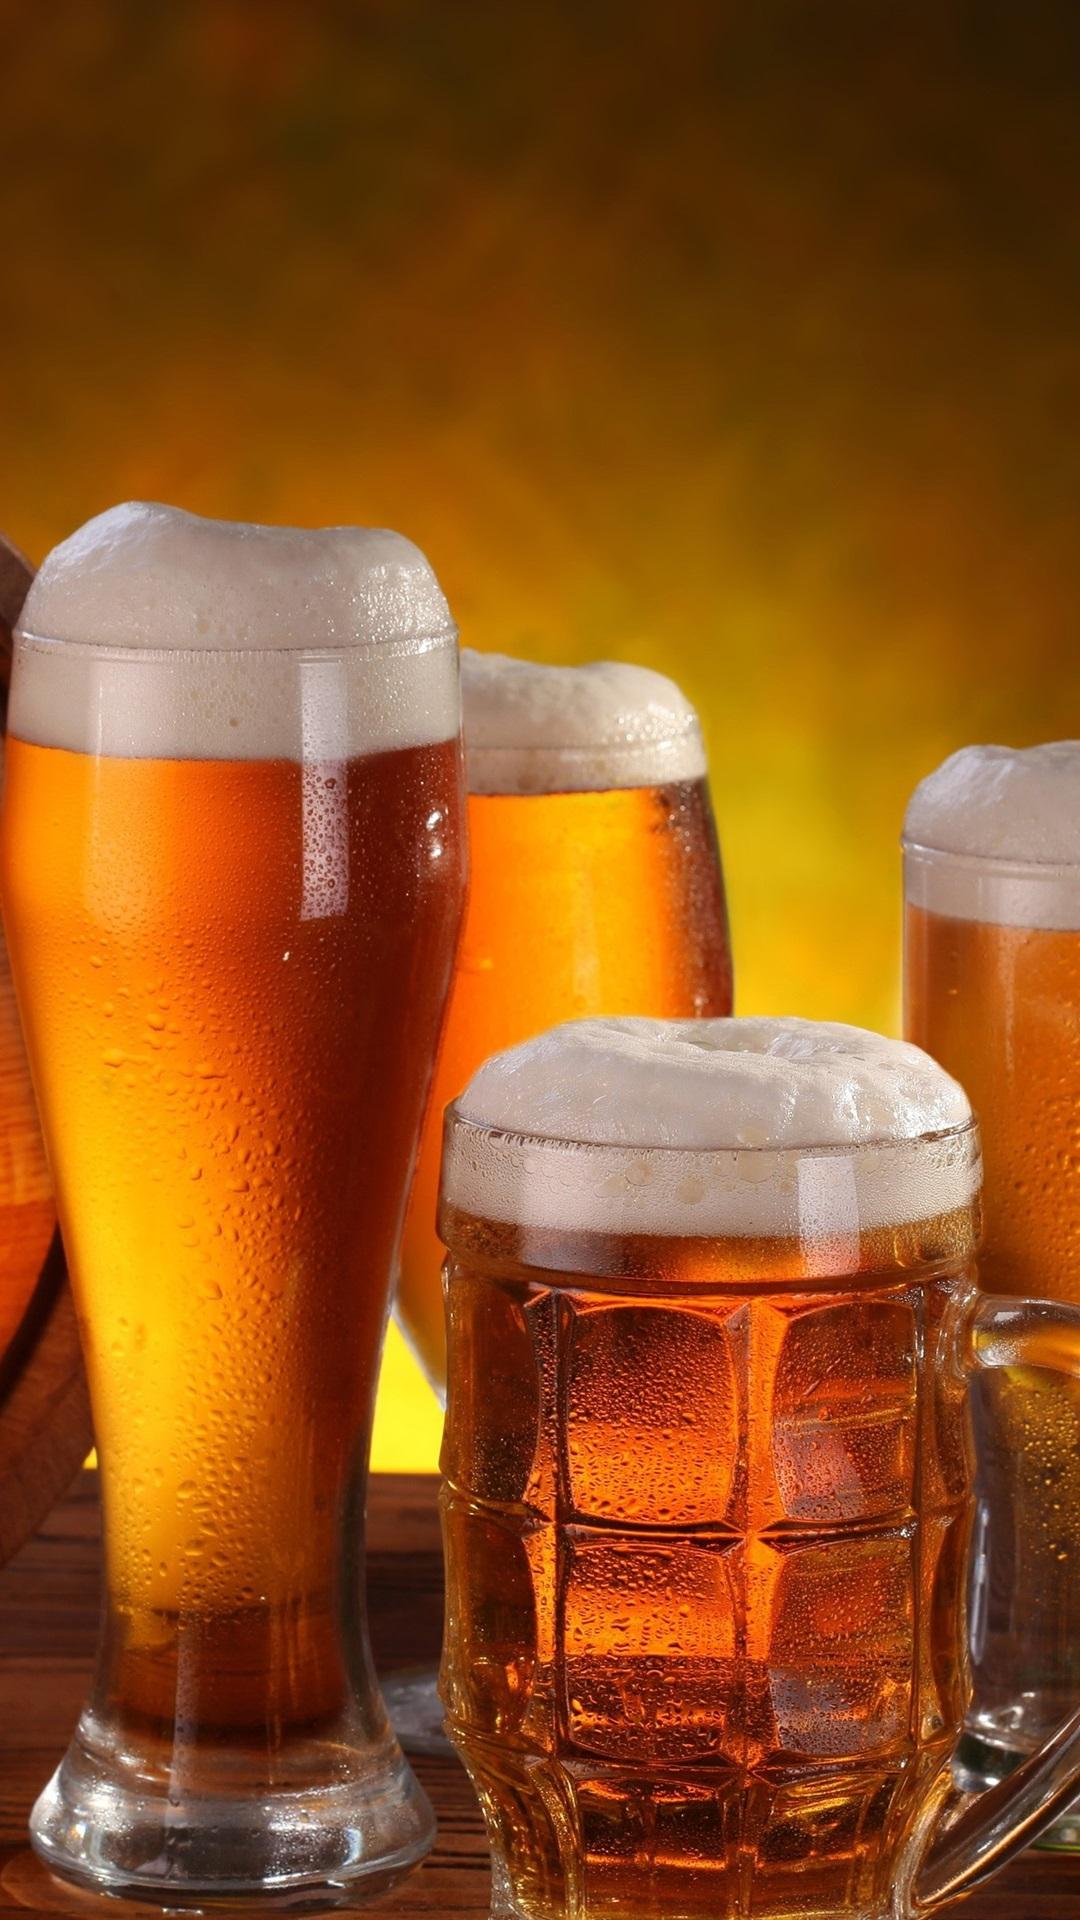 картинка пенящегося пива секс тещей